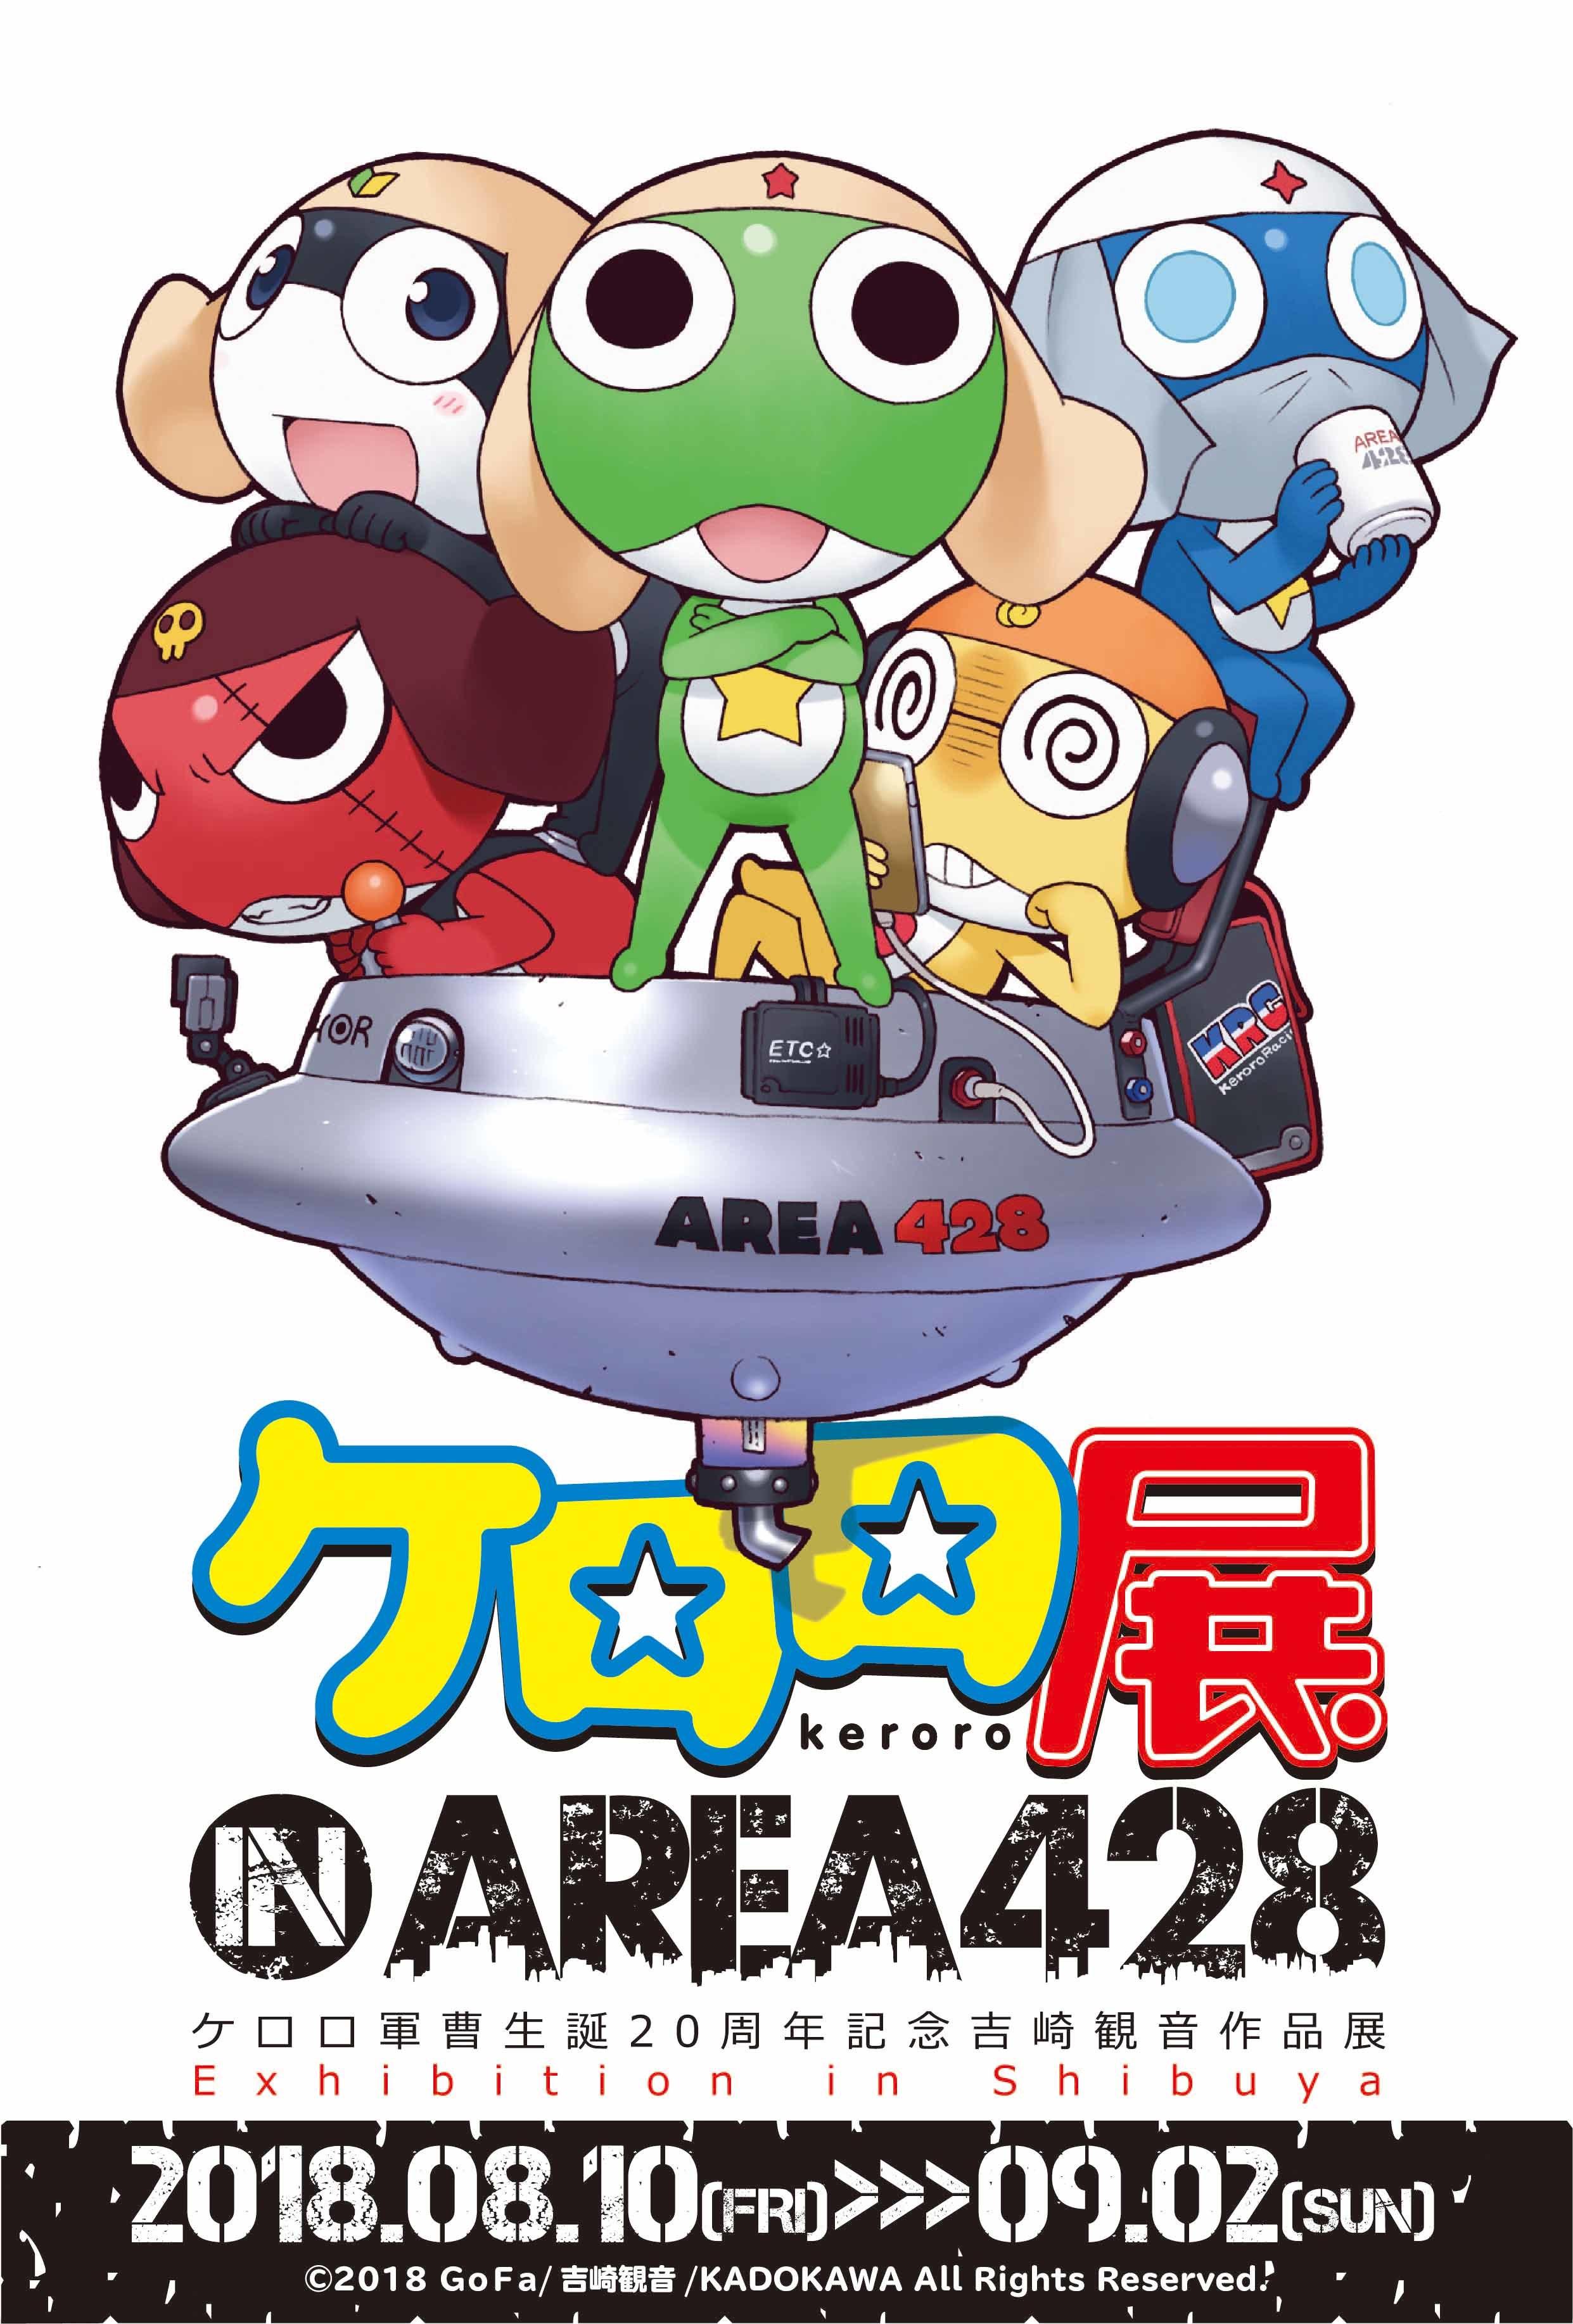 『ケロロ展 IN AREA 428 』メインビジュアル (c)2018 gofa/吉崎観音/KADOKAWA All Rights Reserved.